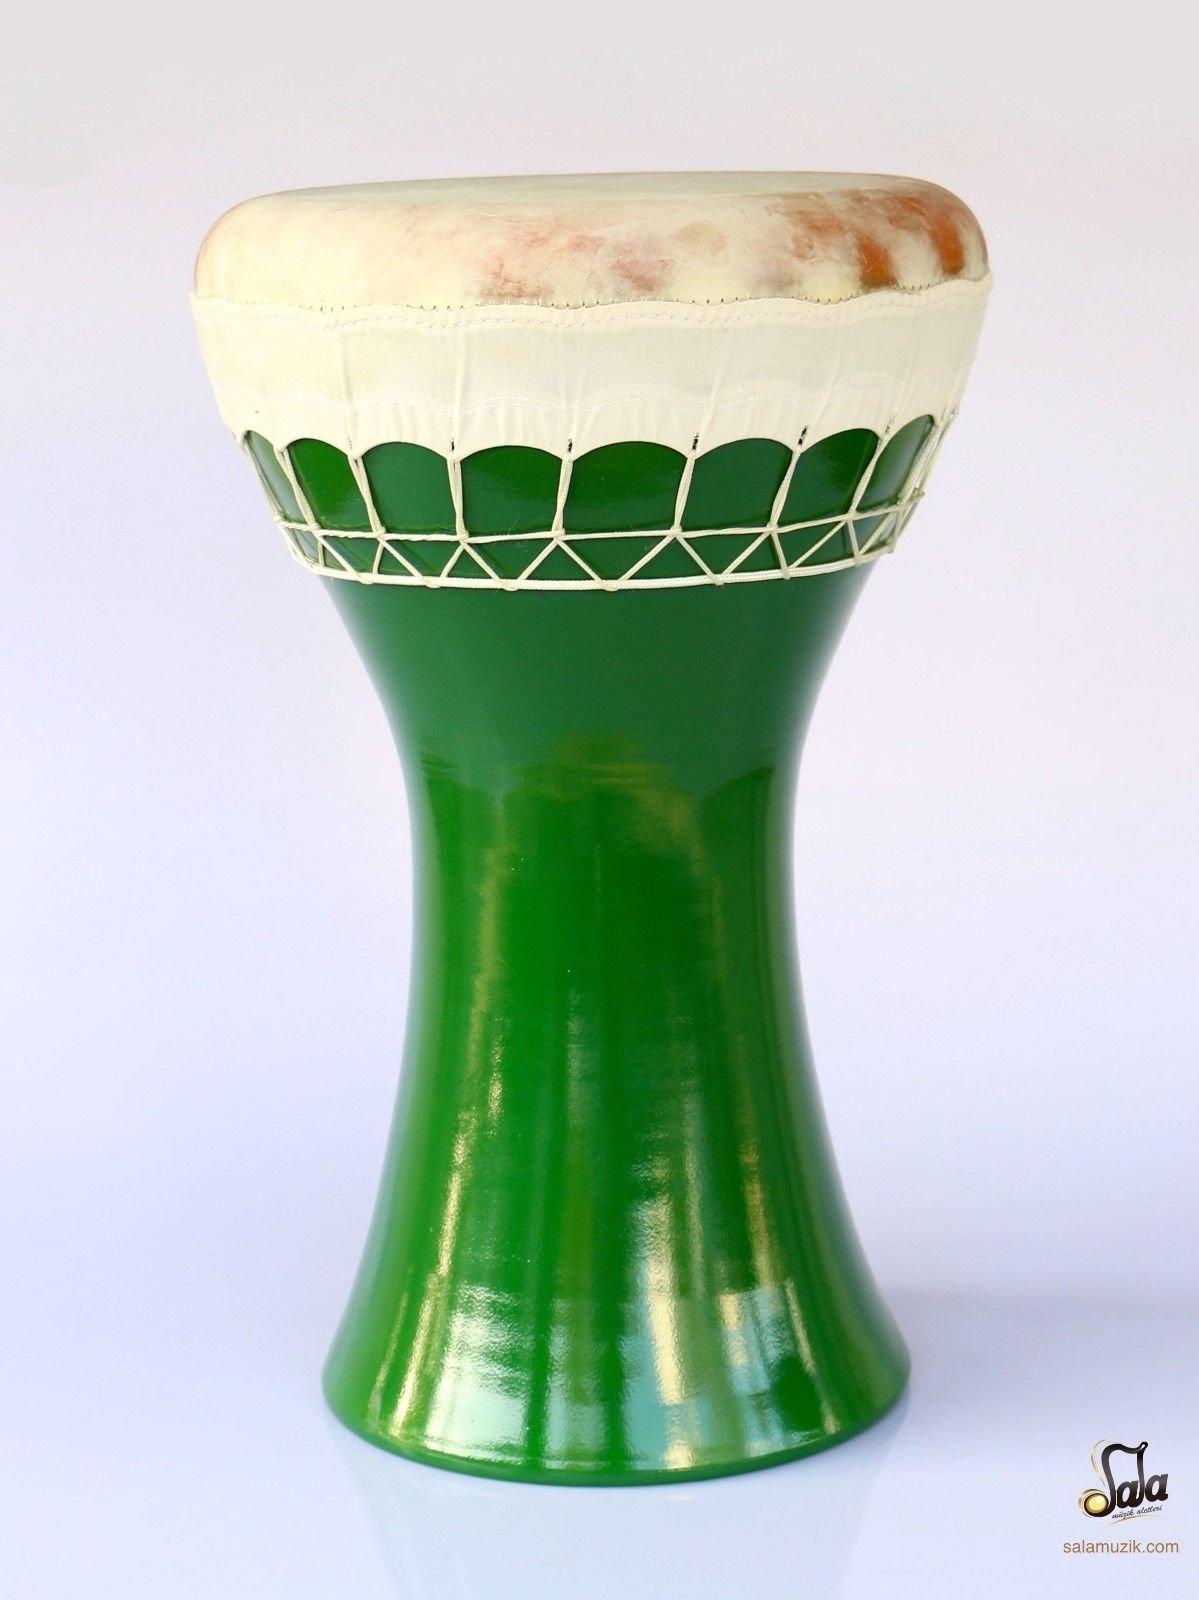 Professional Solo Clay Darbuka Ceramic Dohola Doumbek KIK-523